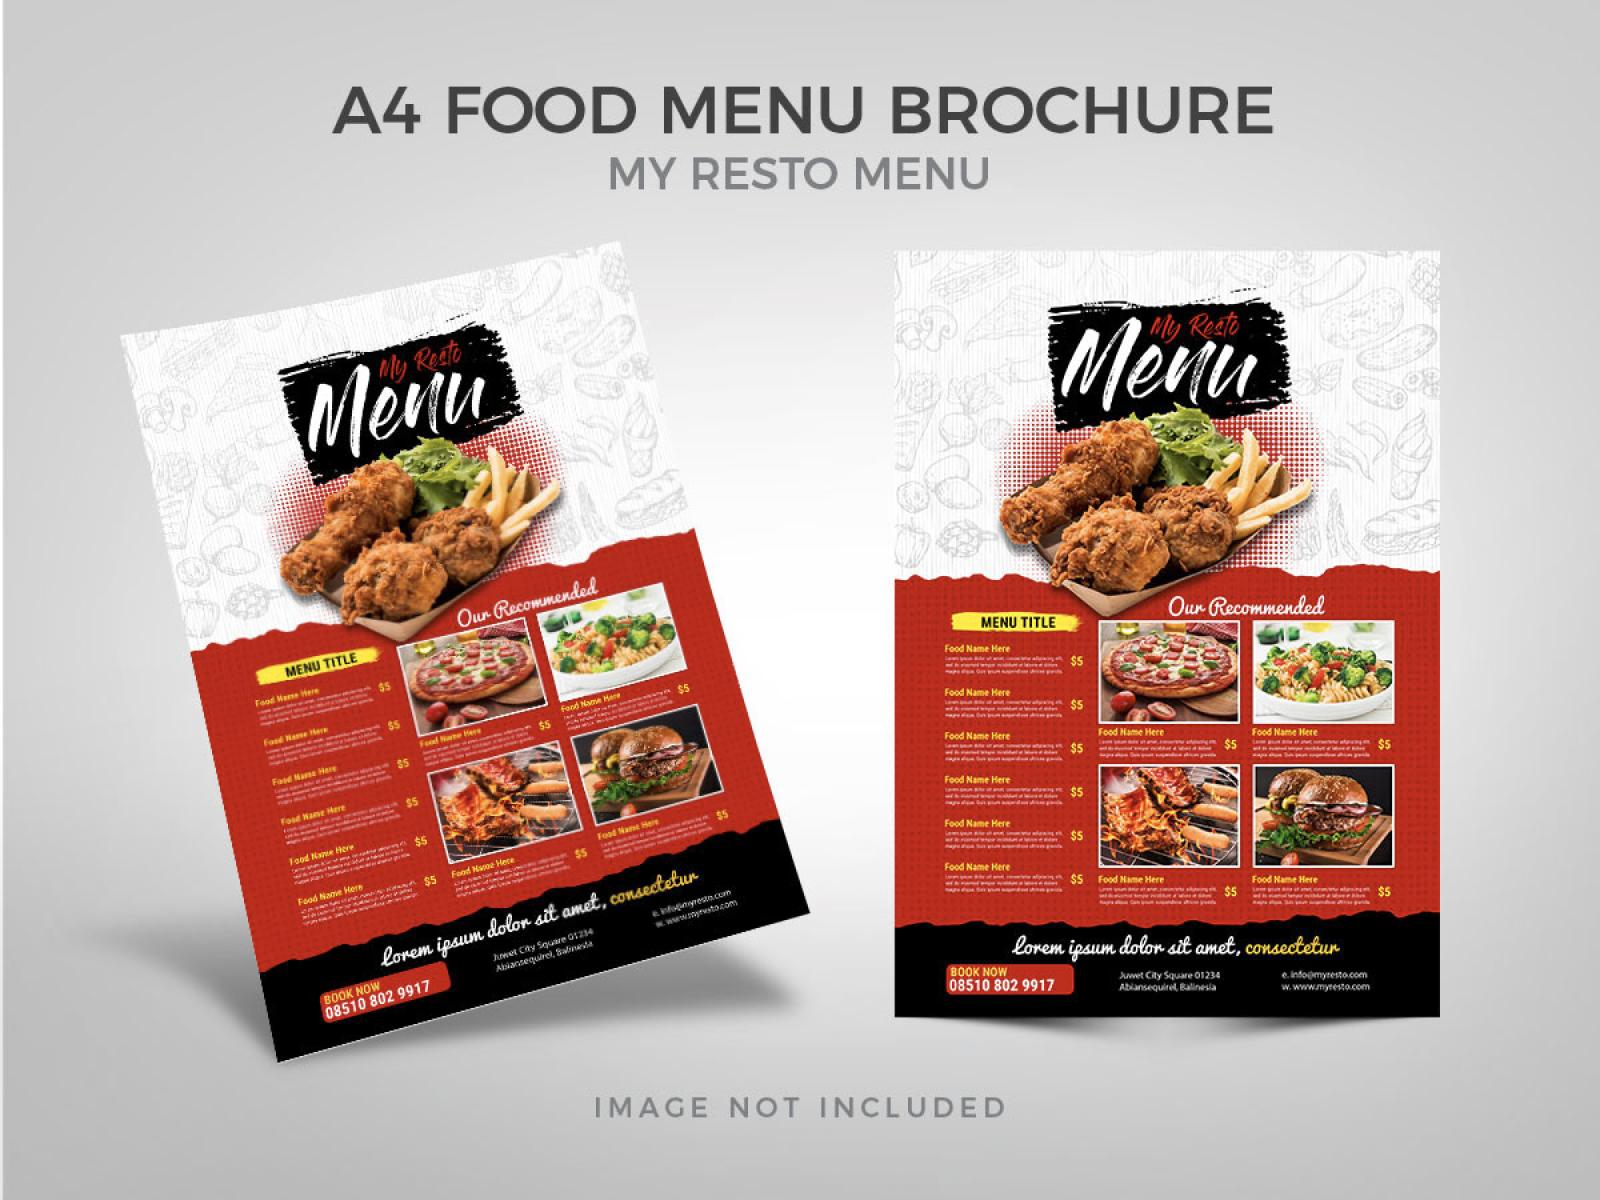 Food Menu Template cover image